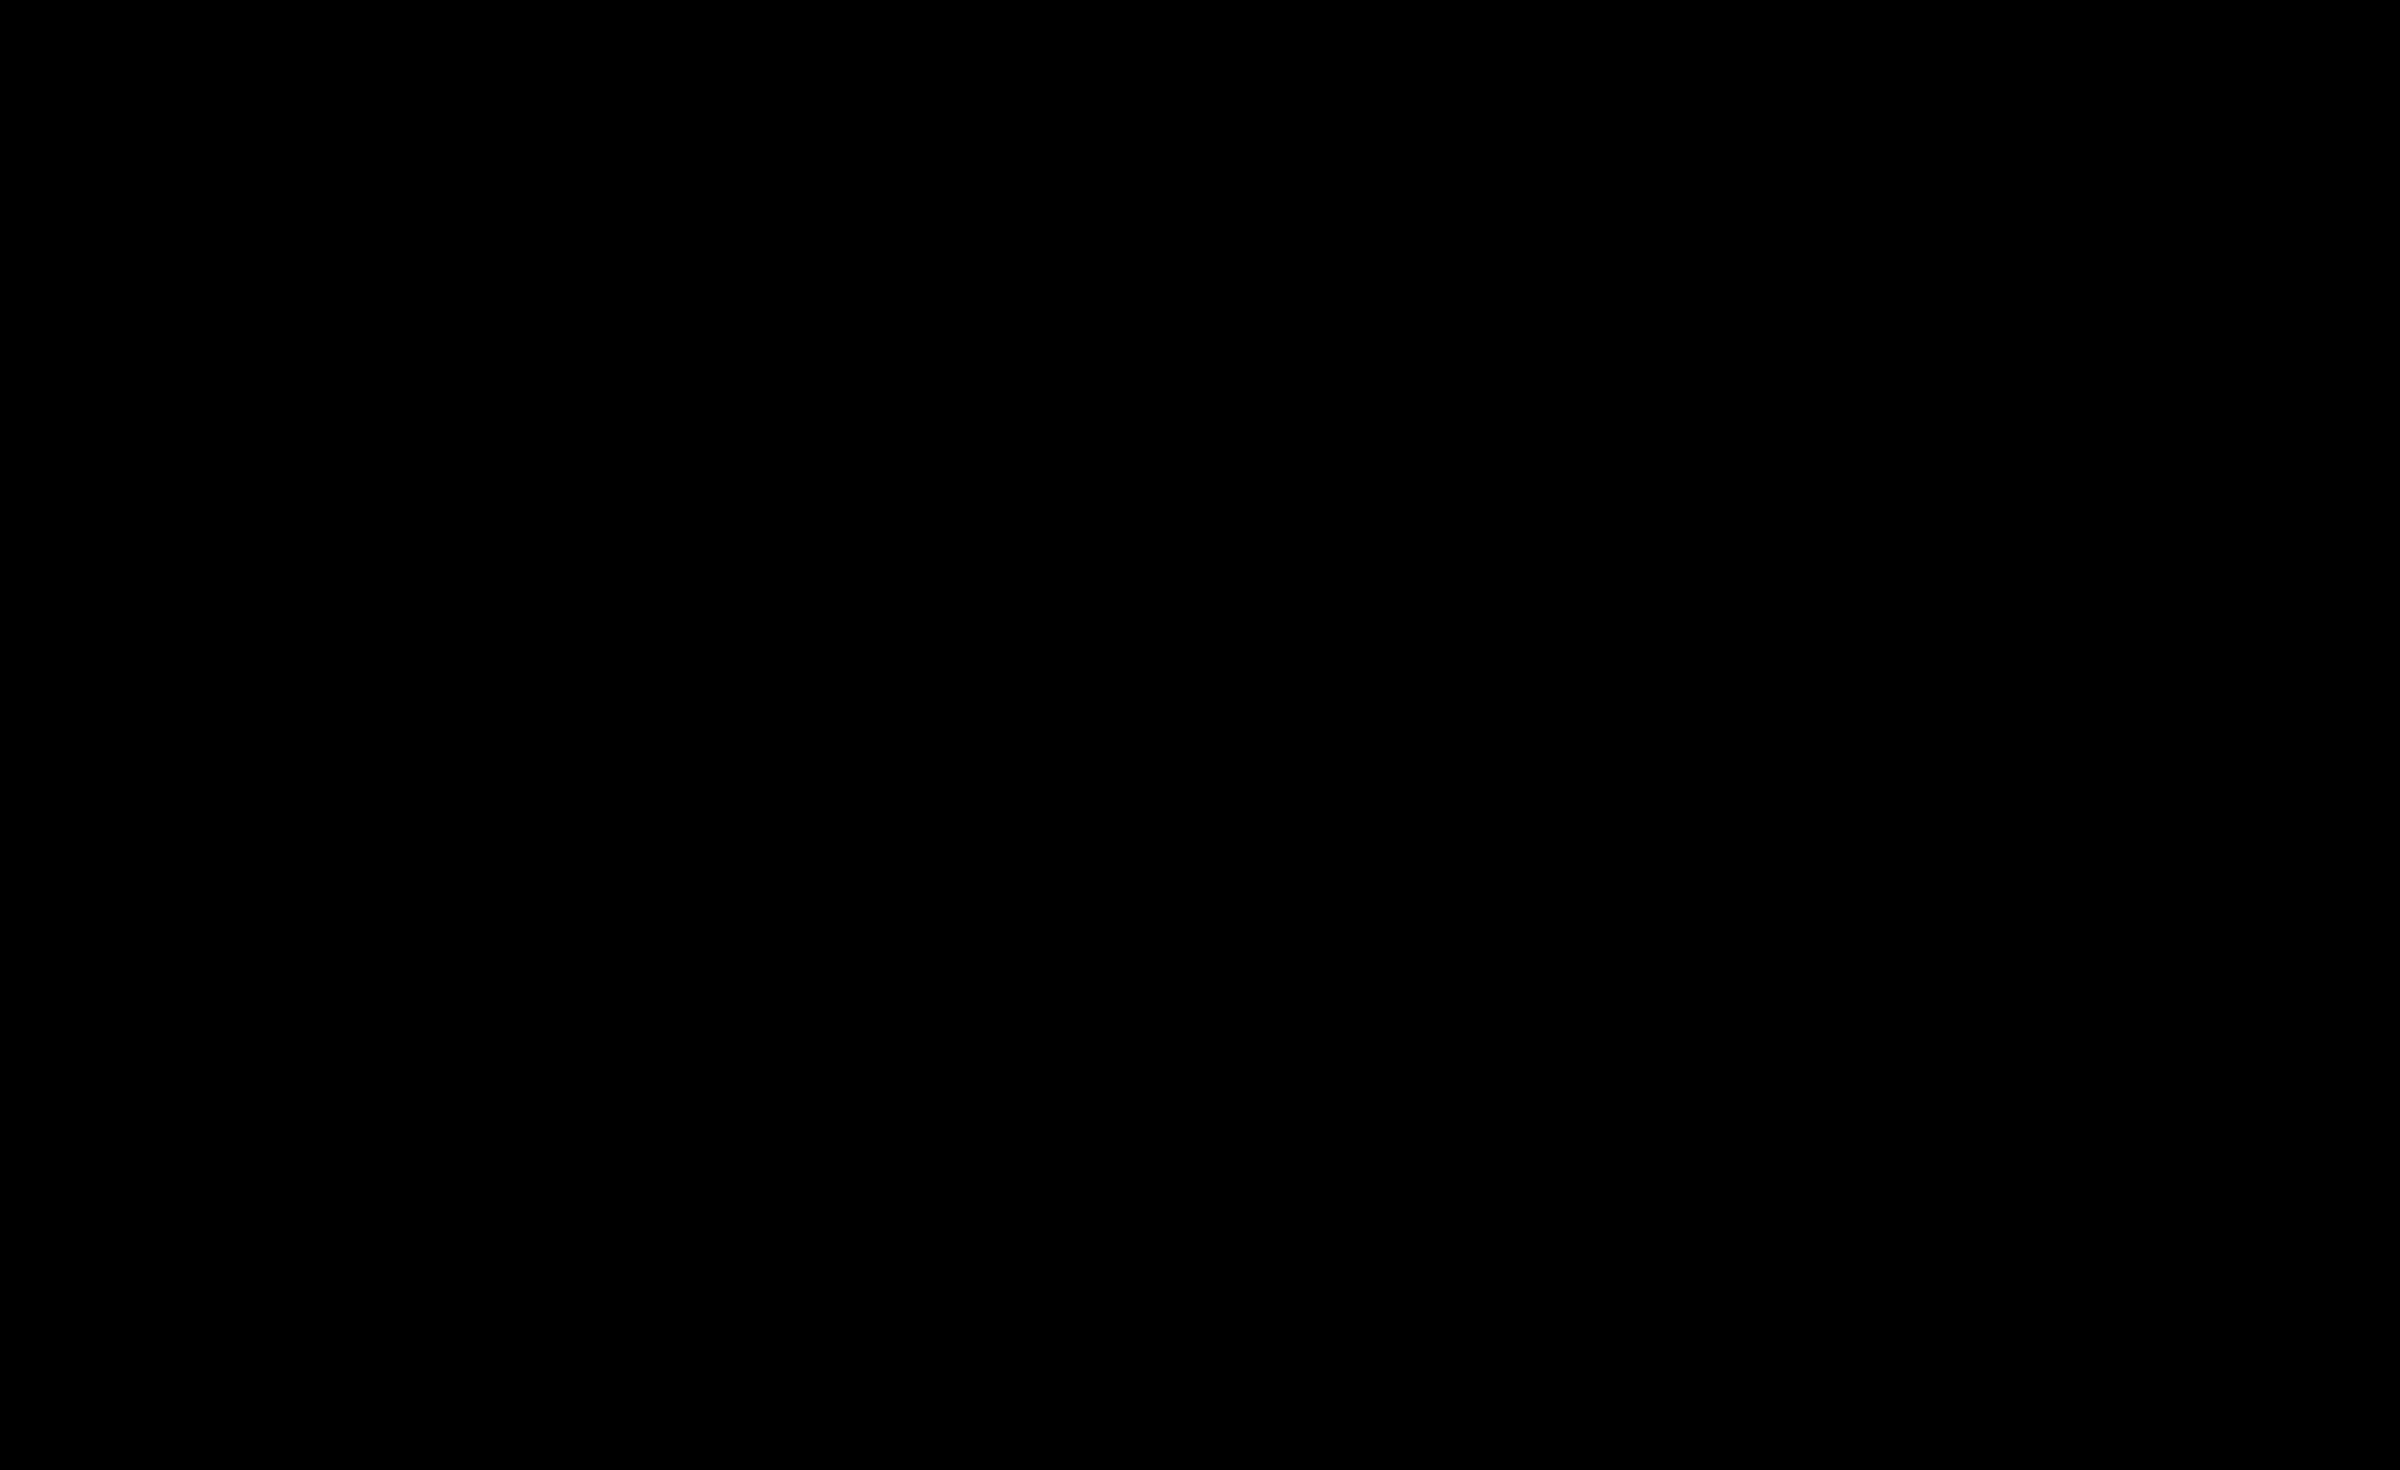 Pig Clipart Baboy Pig Baboy Transparent Free For Download